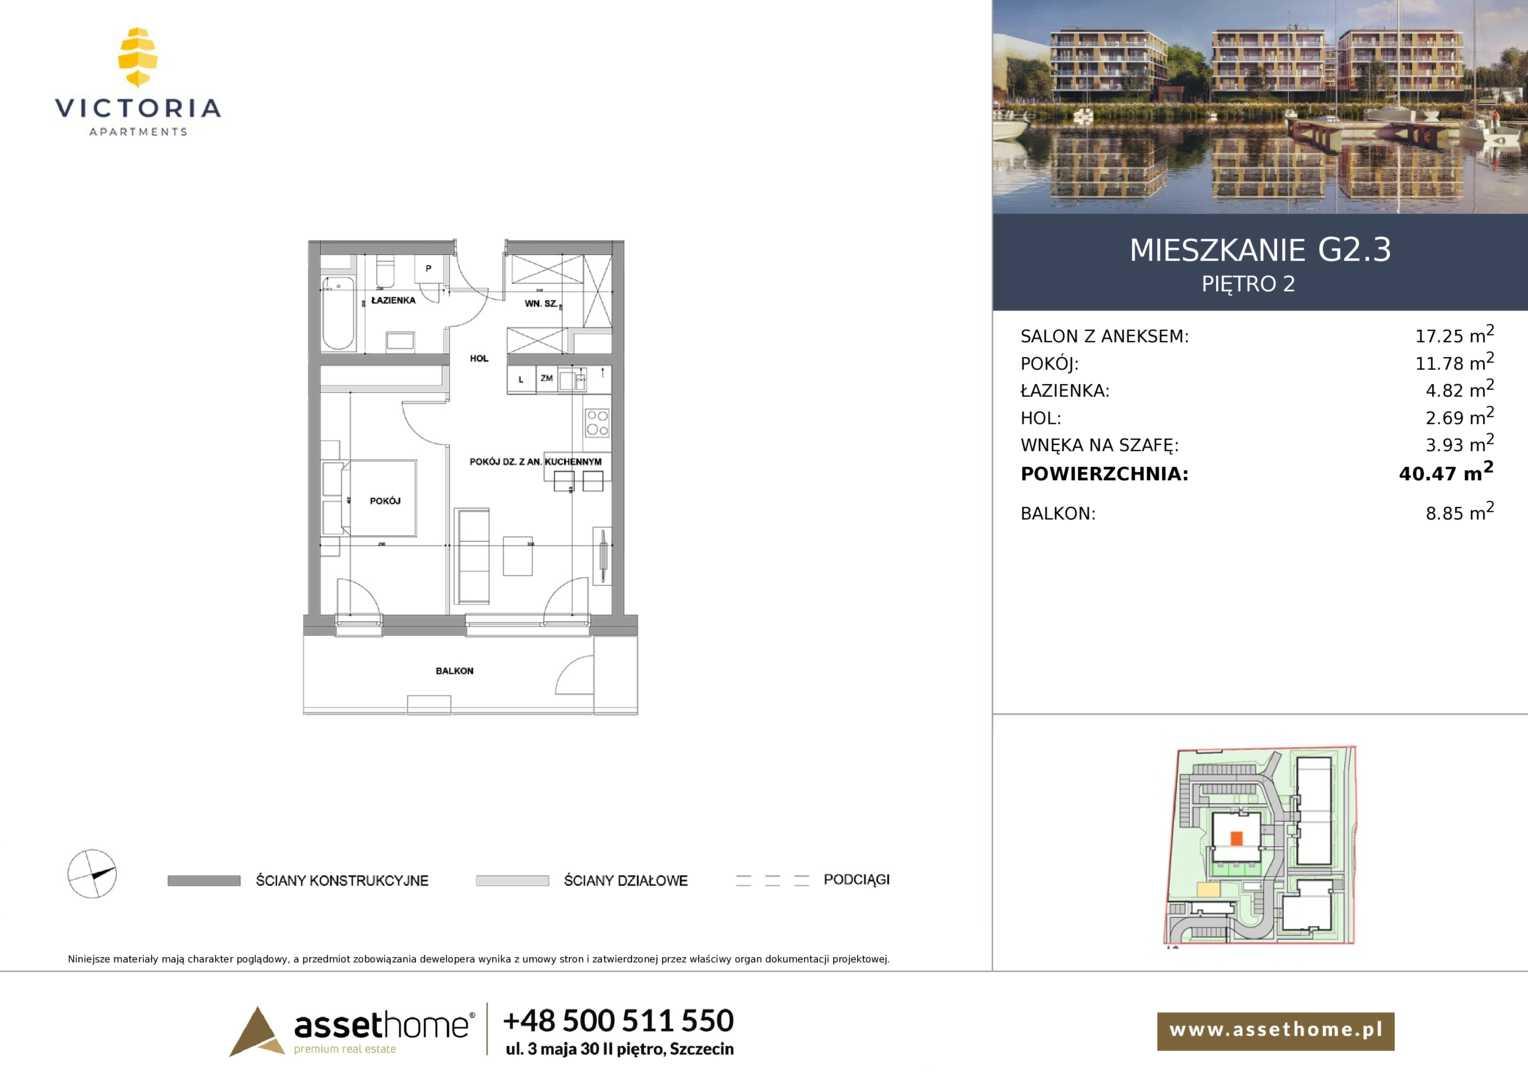 Mieszkanie w inwestycji: Victoria Apartments